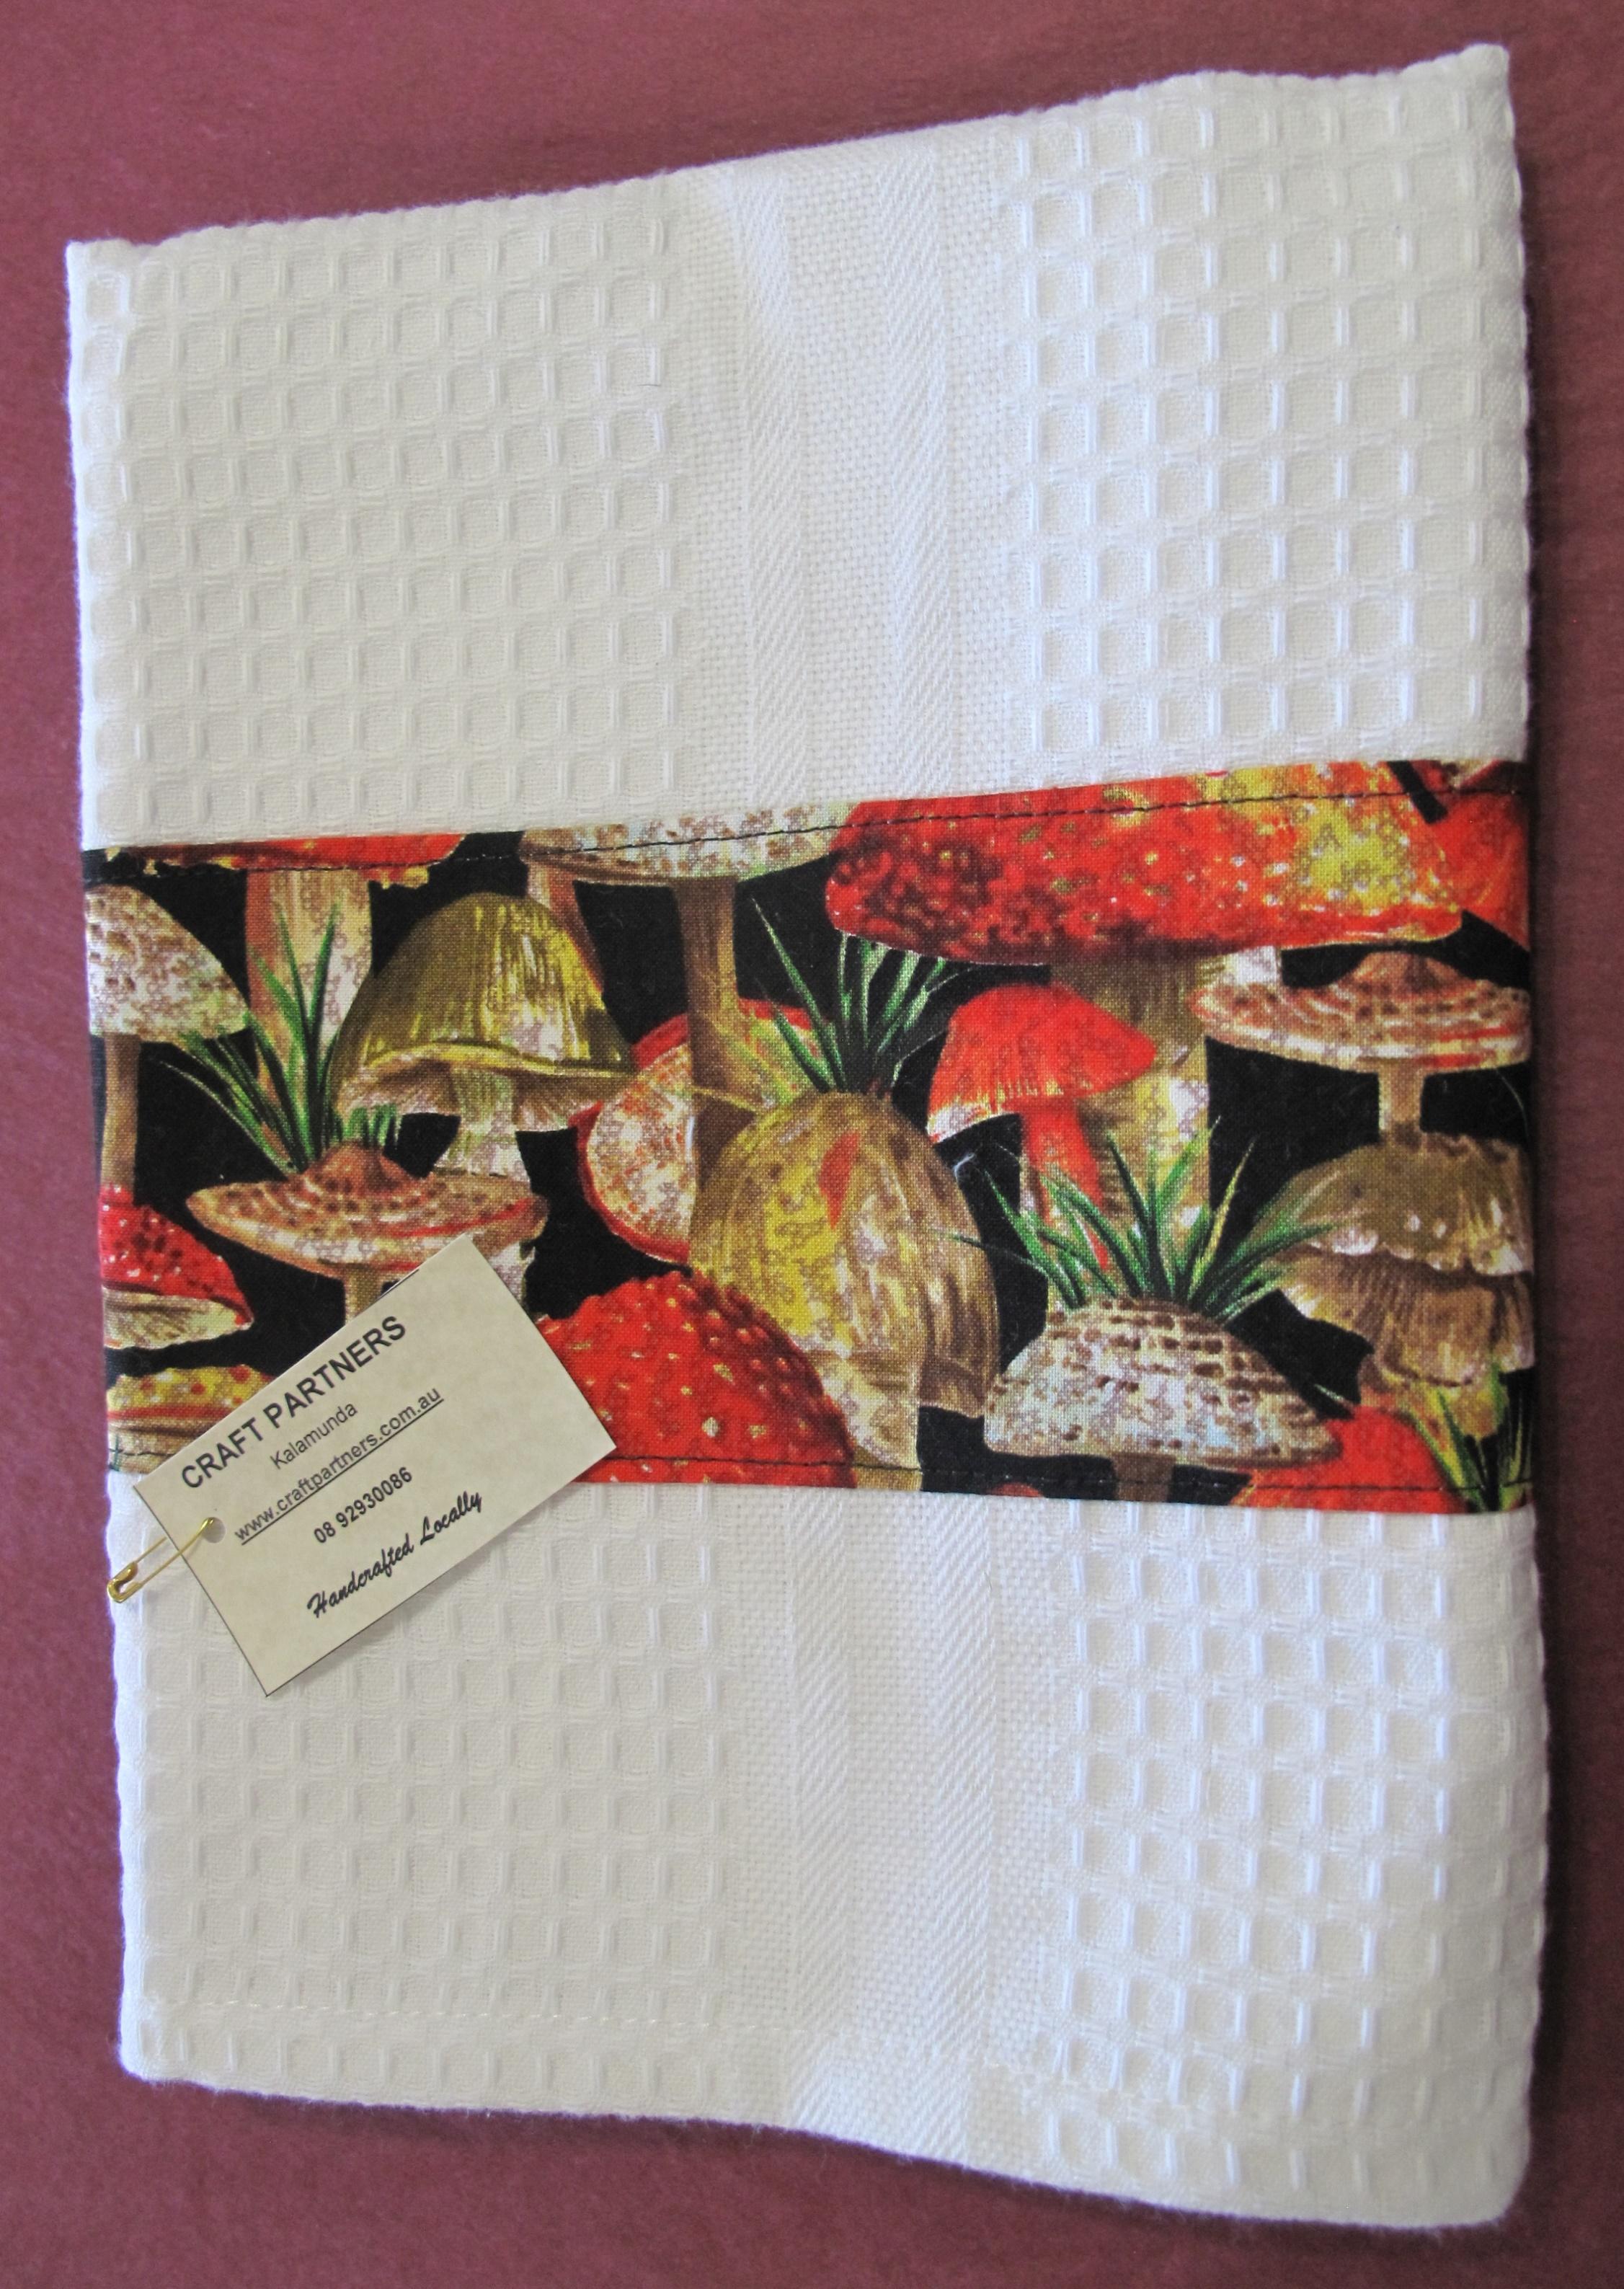 Tea Towel with mushrooms